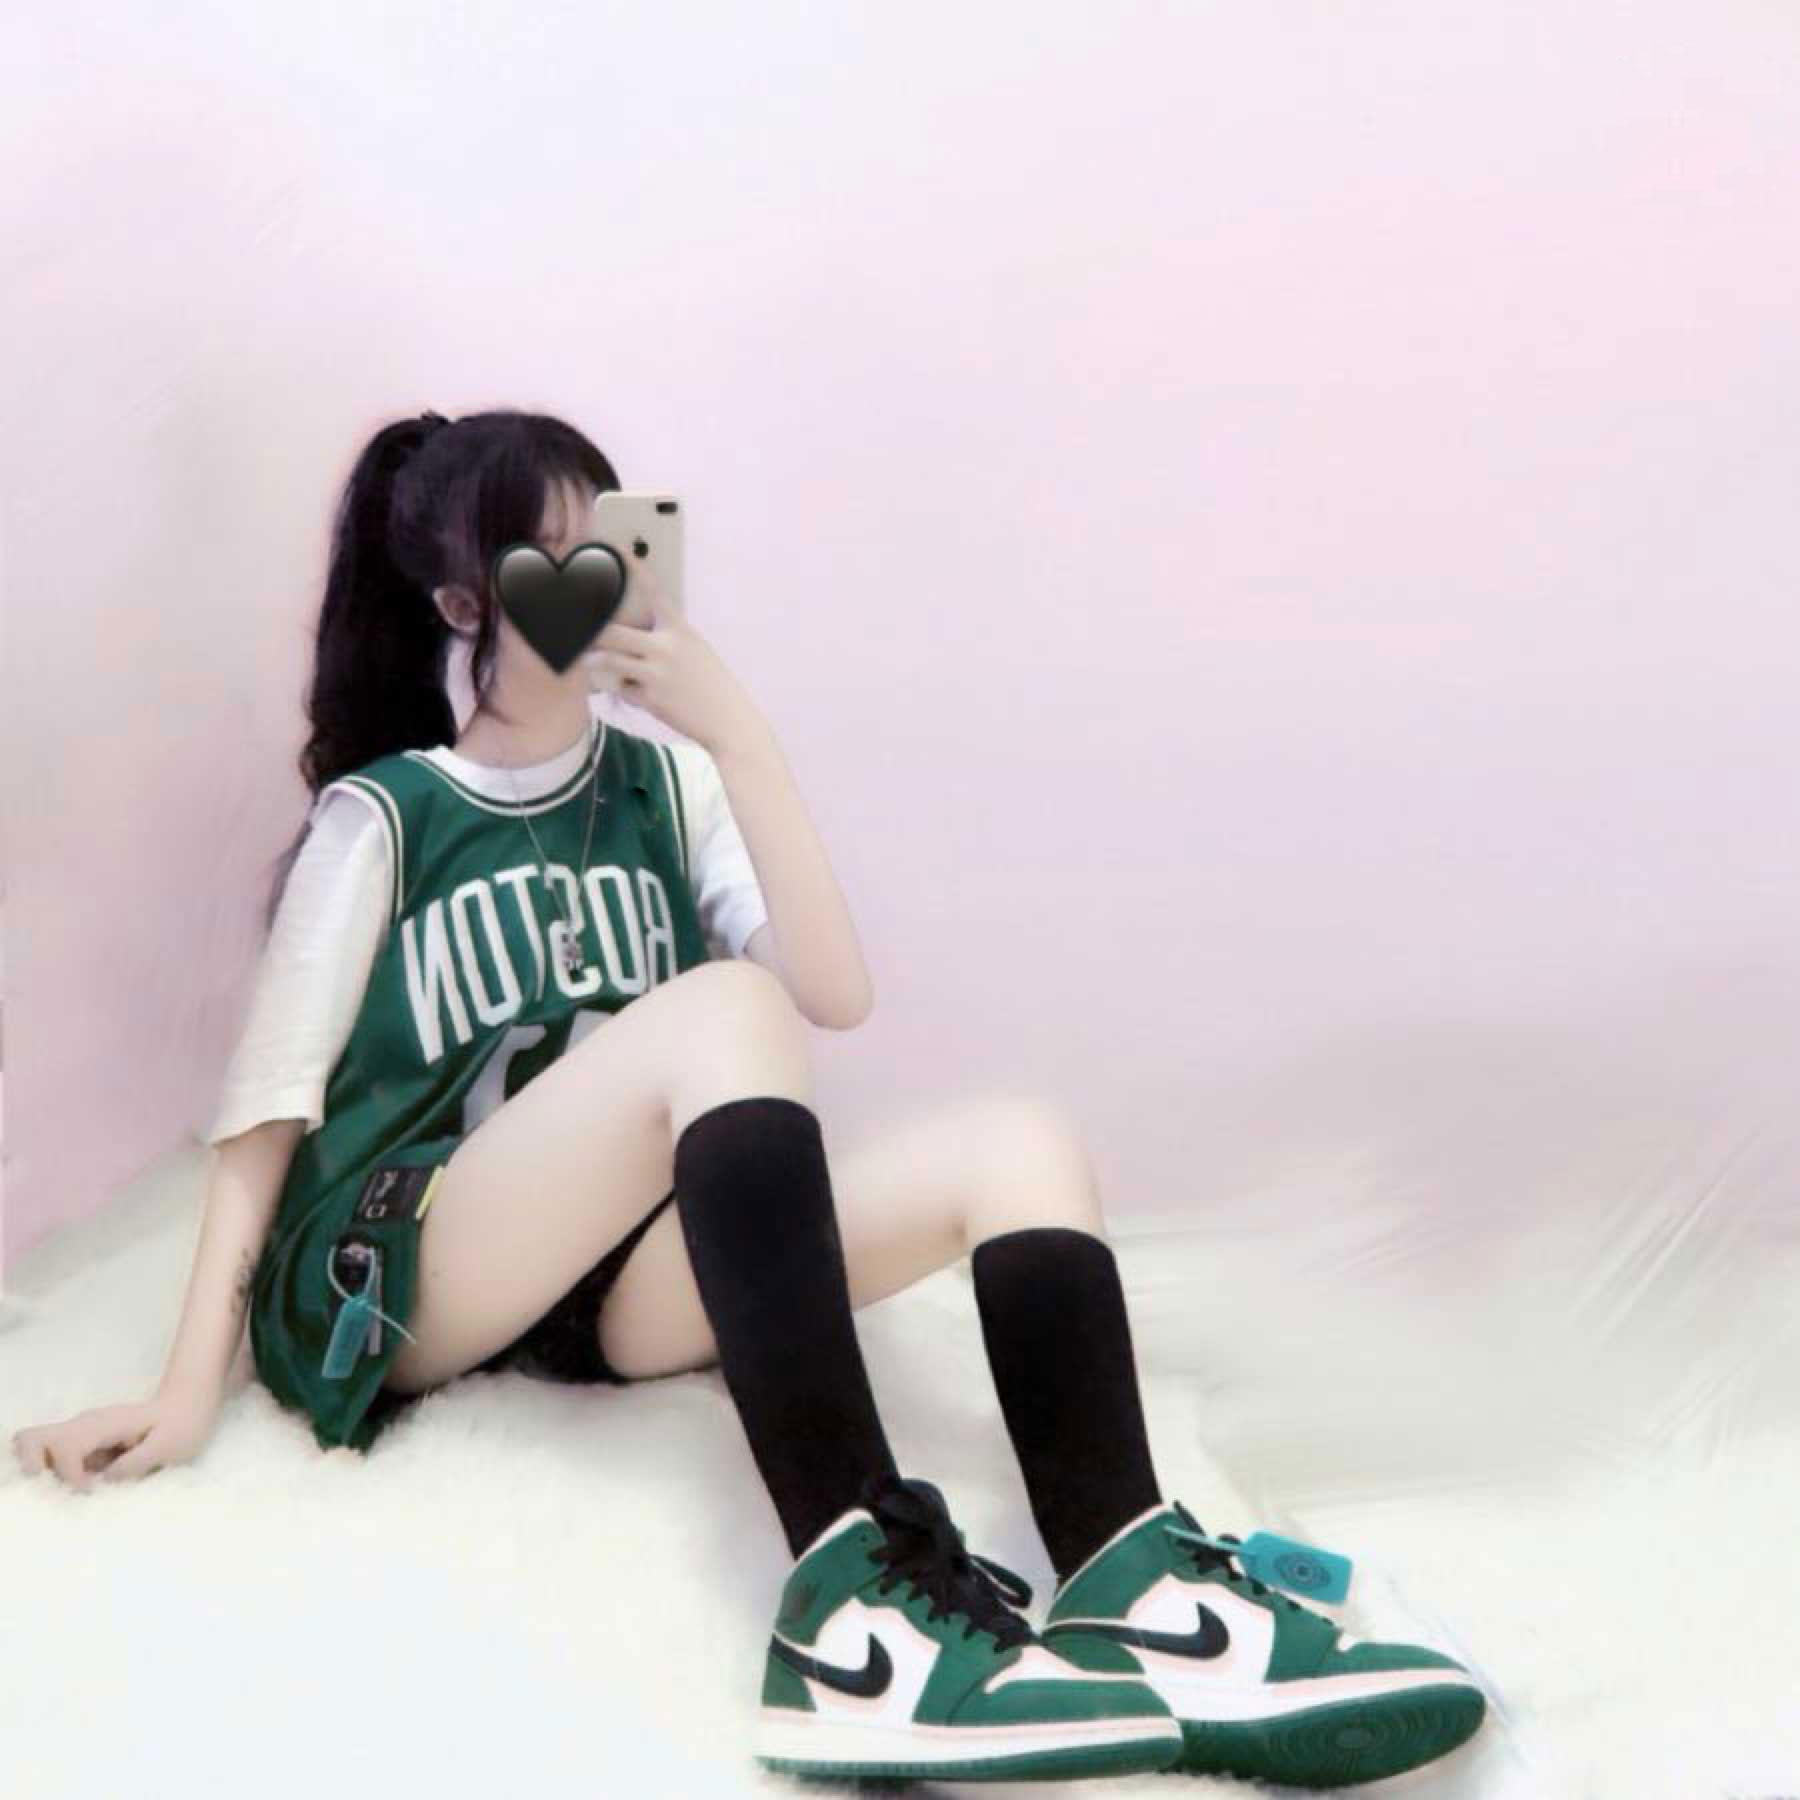 情侣女宽松外穿两球衣bf风ins潮篮球街头定制嘻哈服学生件套韩版